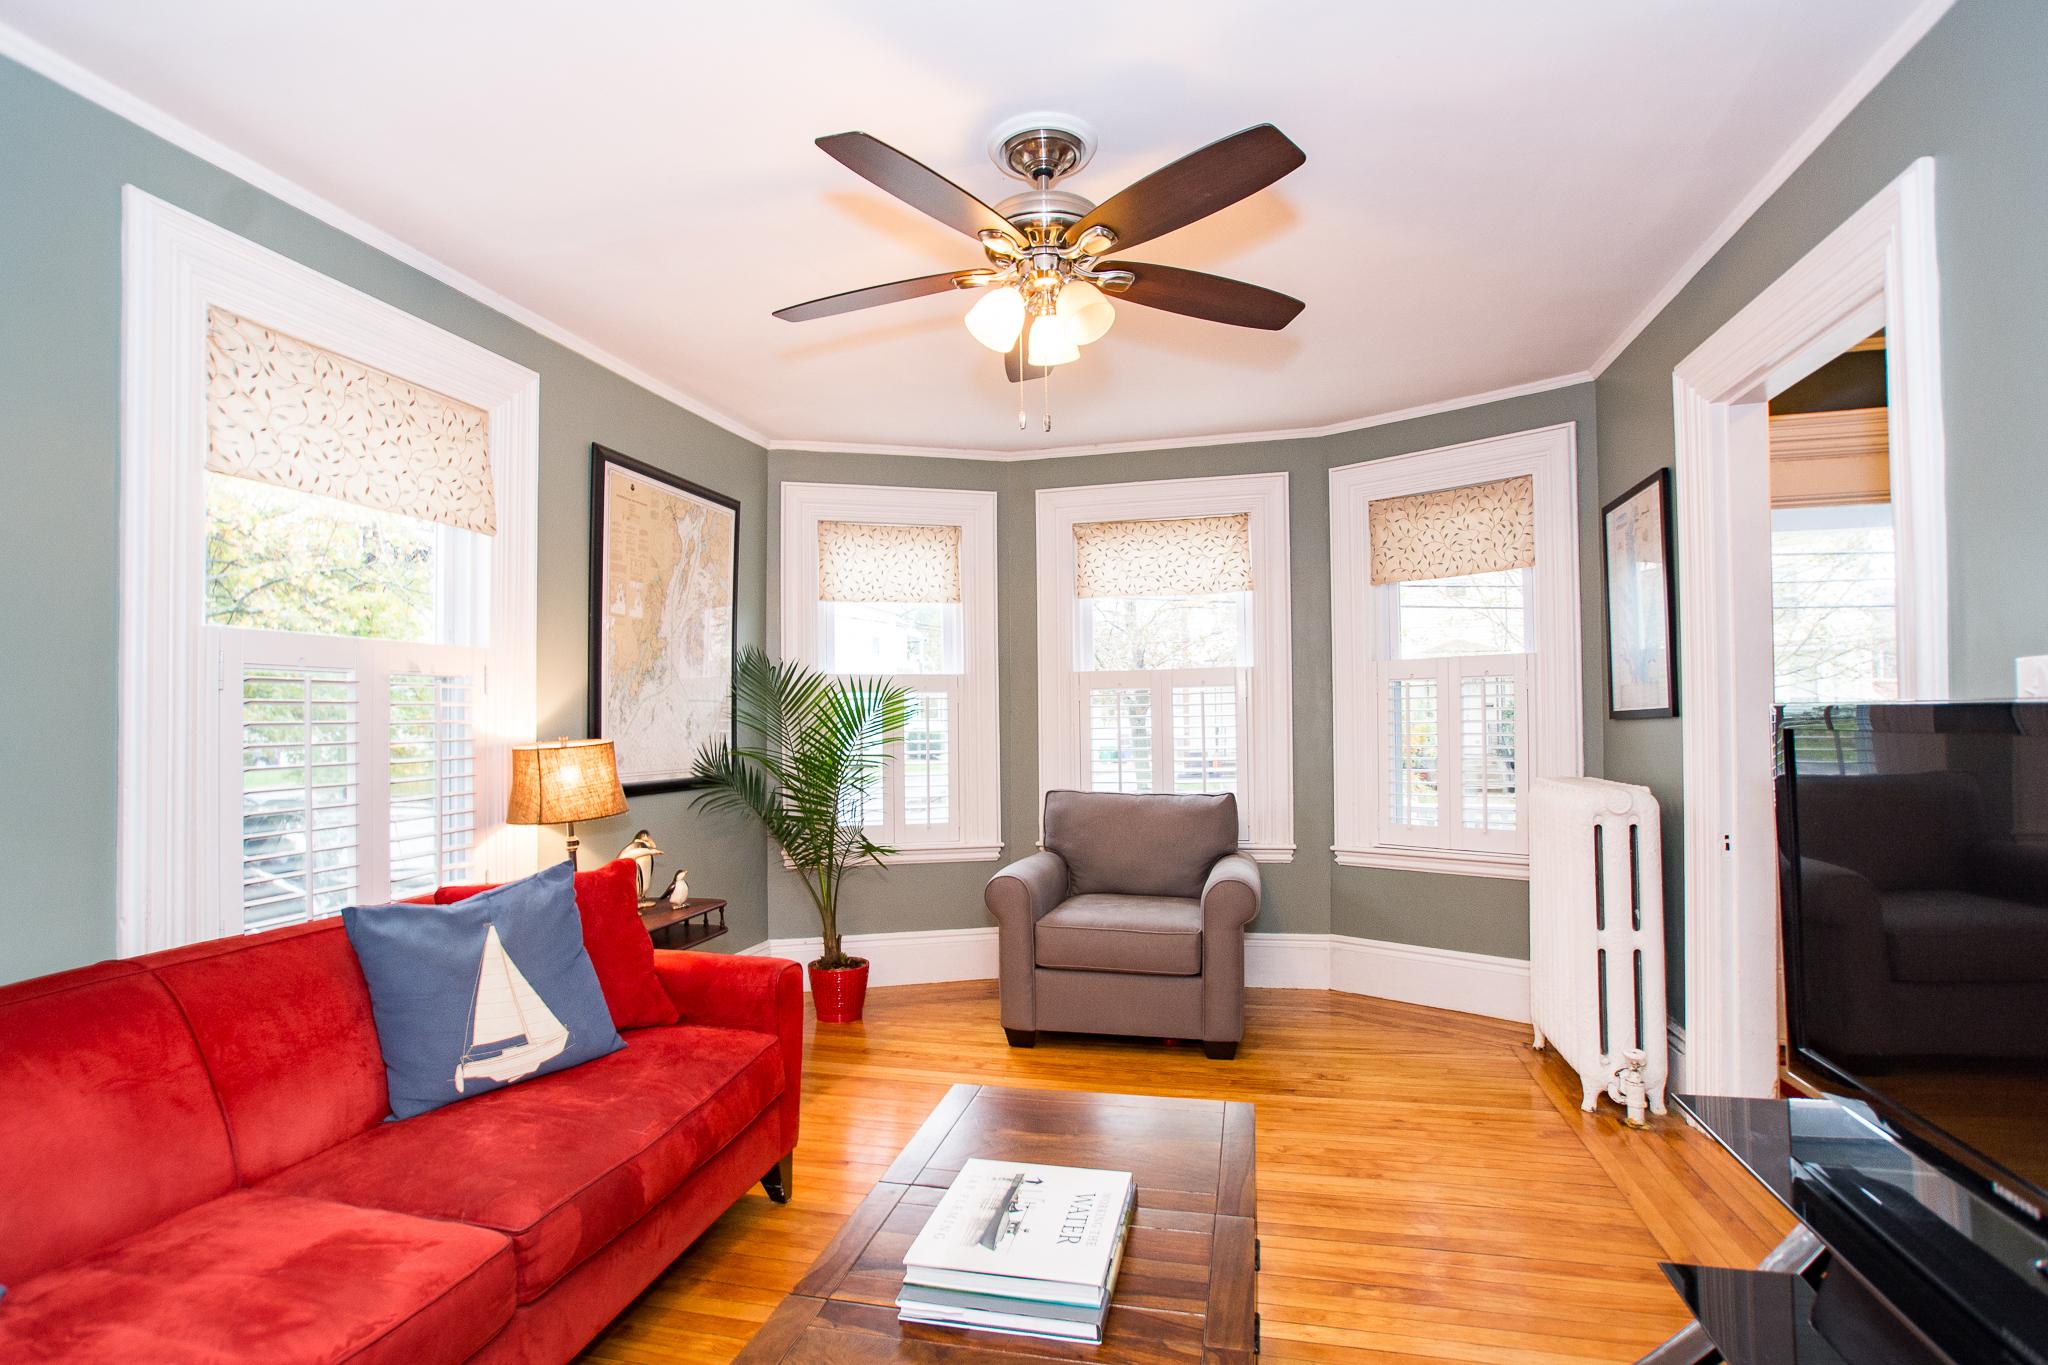 48 Eddy Street, Newton, MA - Livingroom